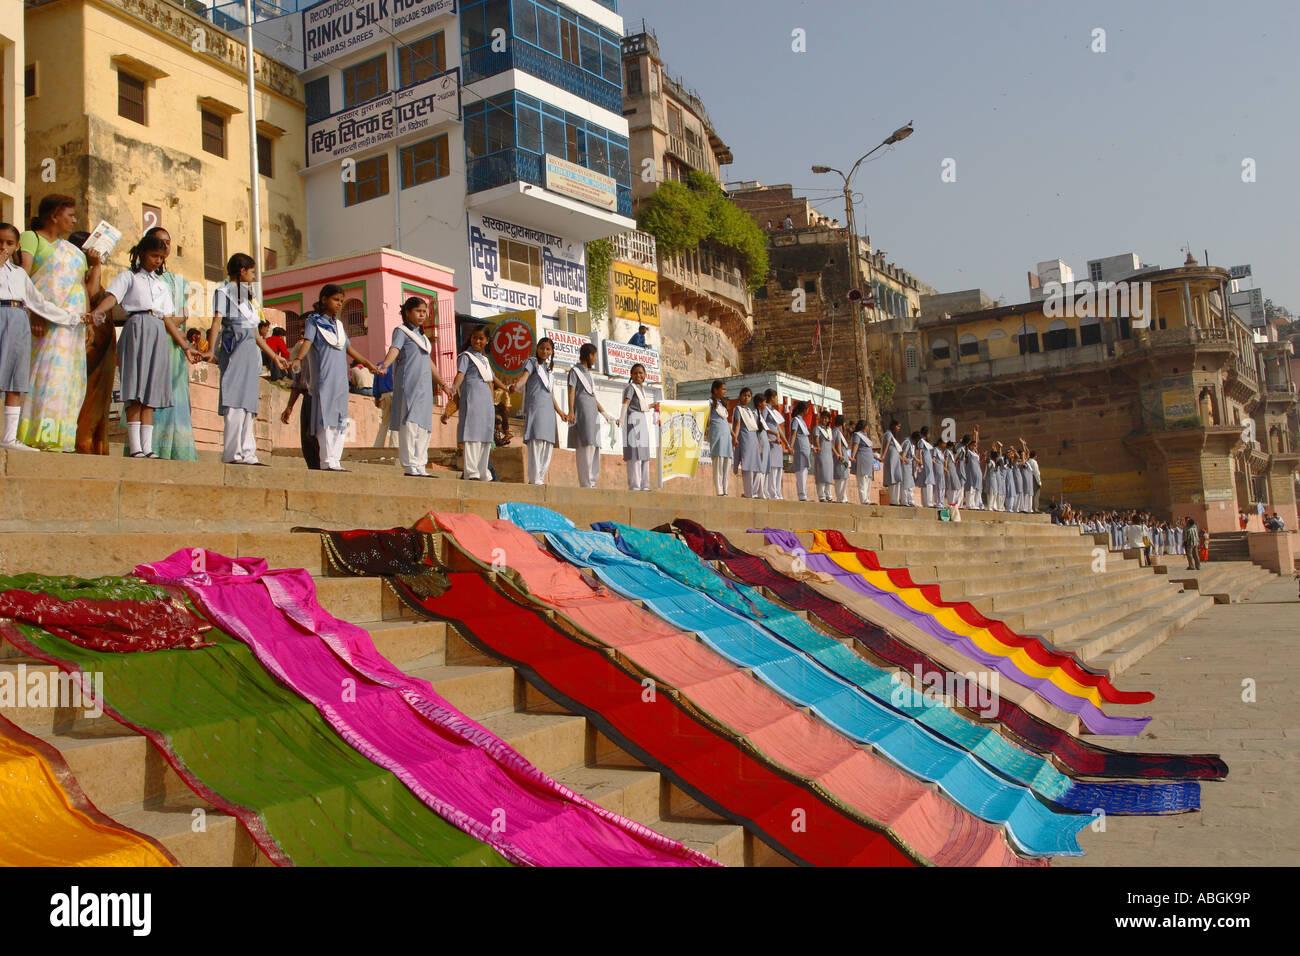 Giornata mondiale dell'acqua, Varanasi, India, la scuola dei bambini la sensibilizzazione circa la necessità Immagini Stock